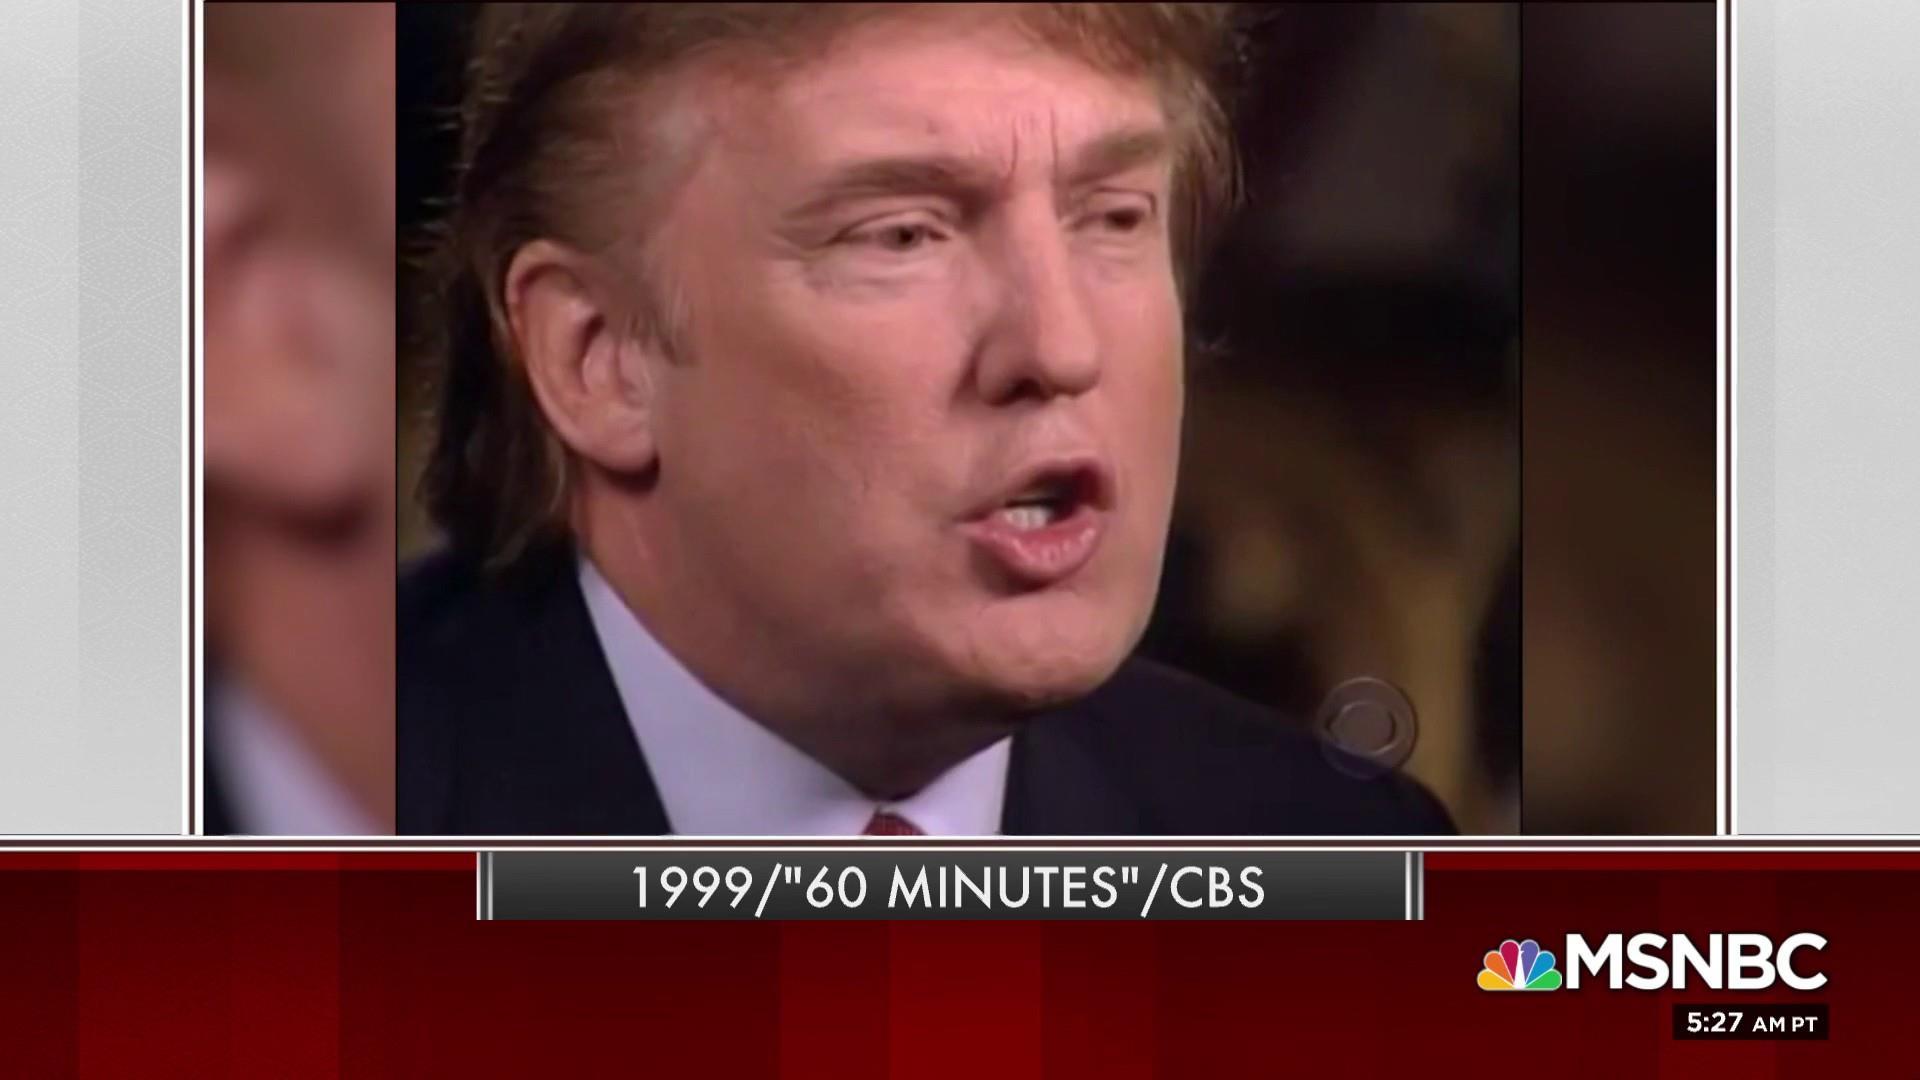 In 1999 clip, Trump wonders if McCain is a hero